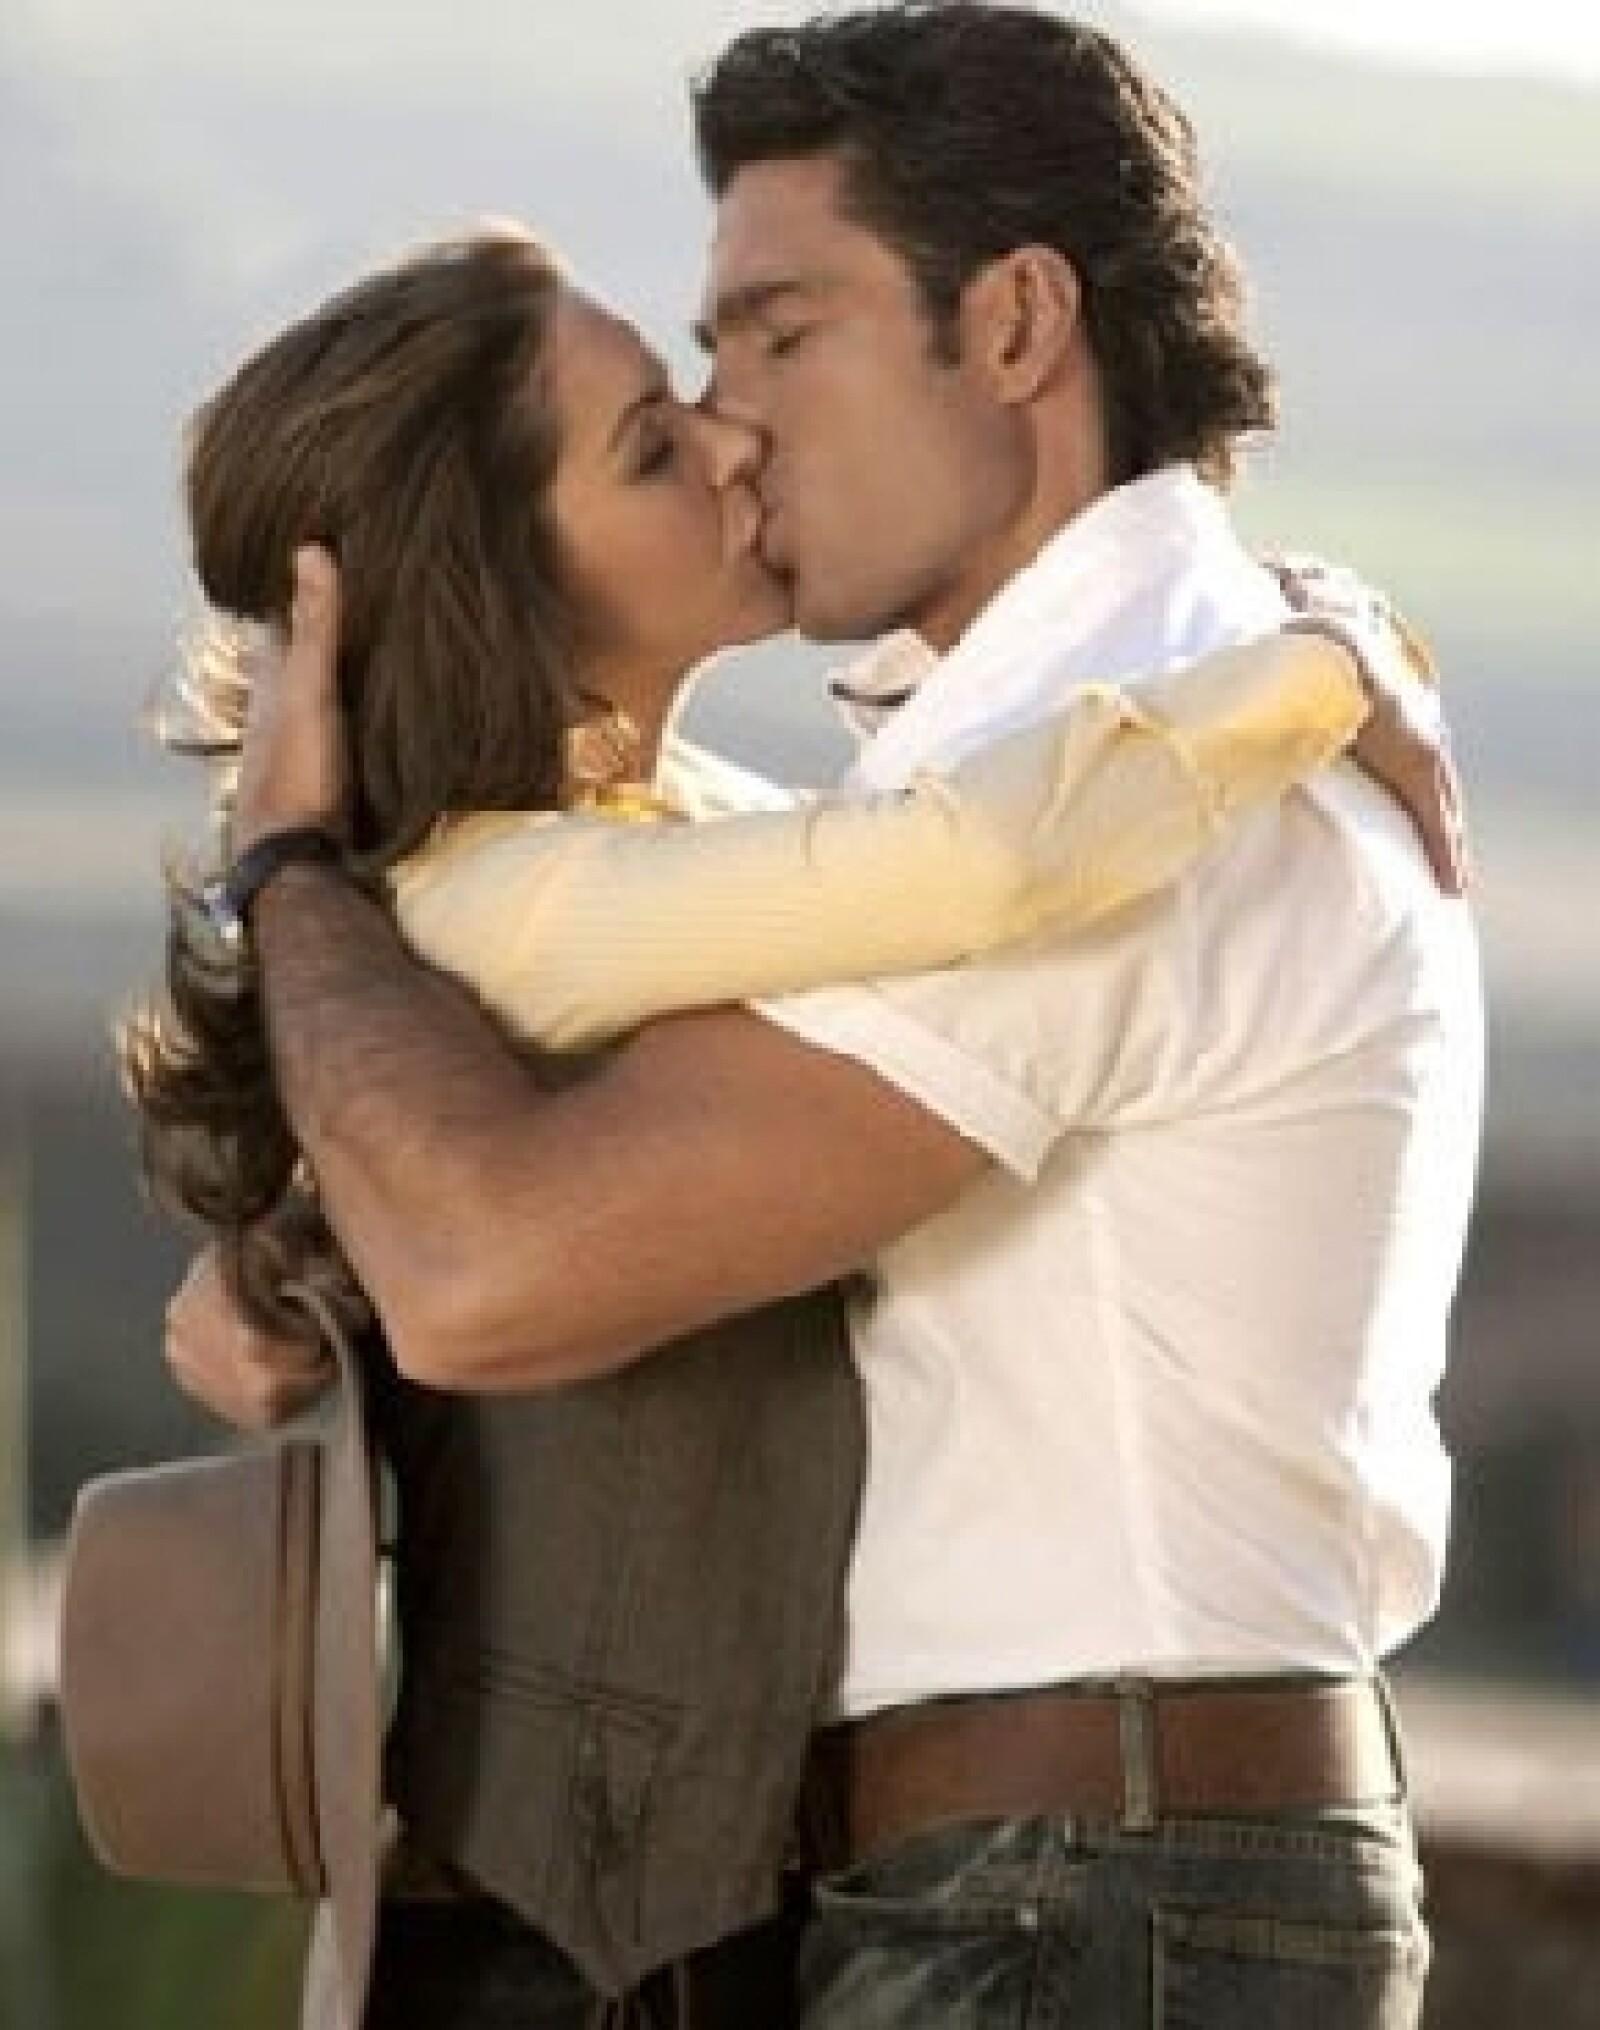 Será este domingo cuando finalmente Valentina Villalba (Lucero) y José Miguel Montesinos (Fernando Colunga) lleguen al altar en el gran final del melodrama de Nicandro Díaz.